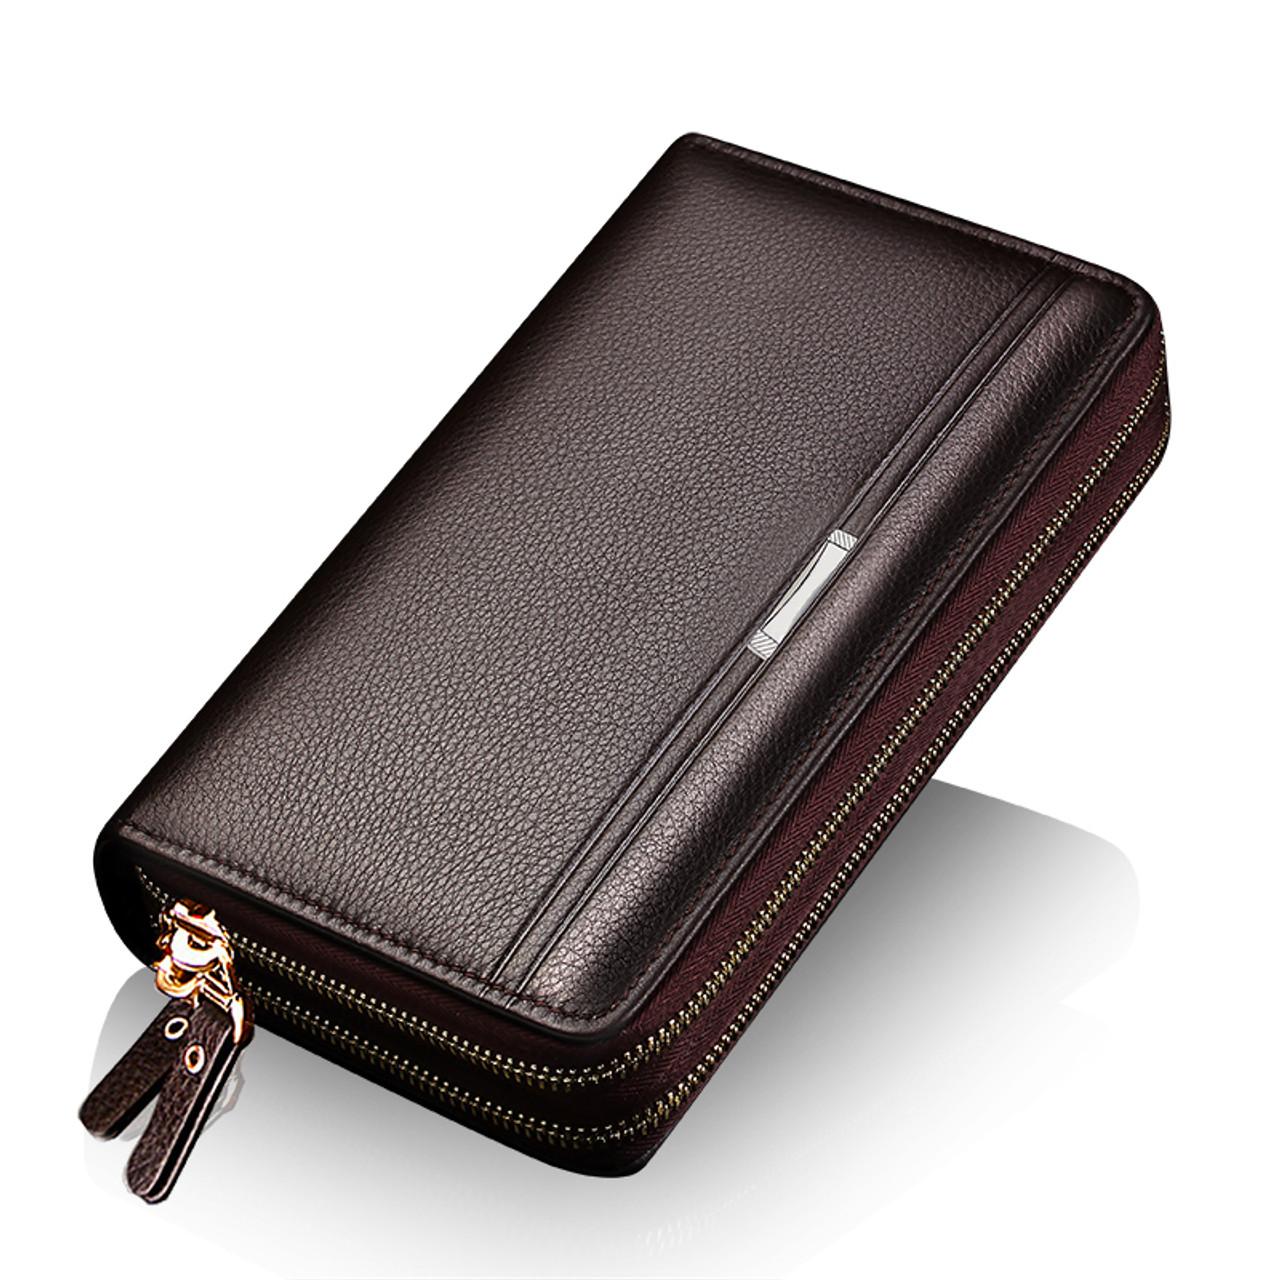 9096b8ef9ed ... FEIDIKABOLO Double Zipper Men Clutch Bags PU Men's Leather Wallet Men  Handy Bag Male Long Wallets ...